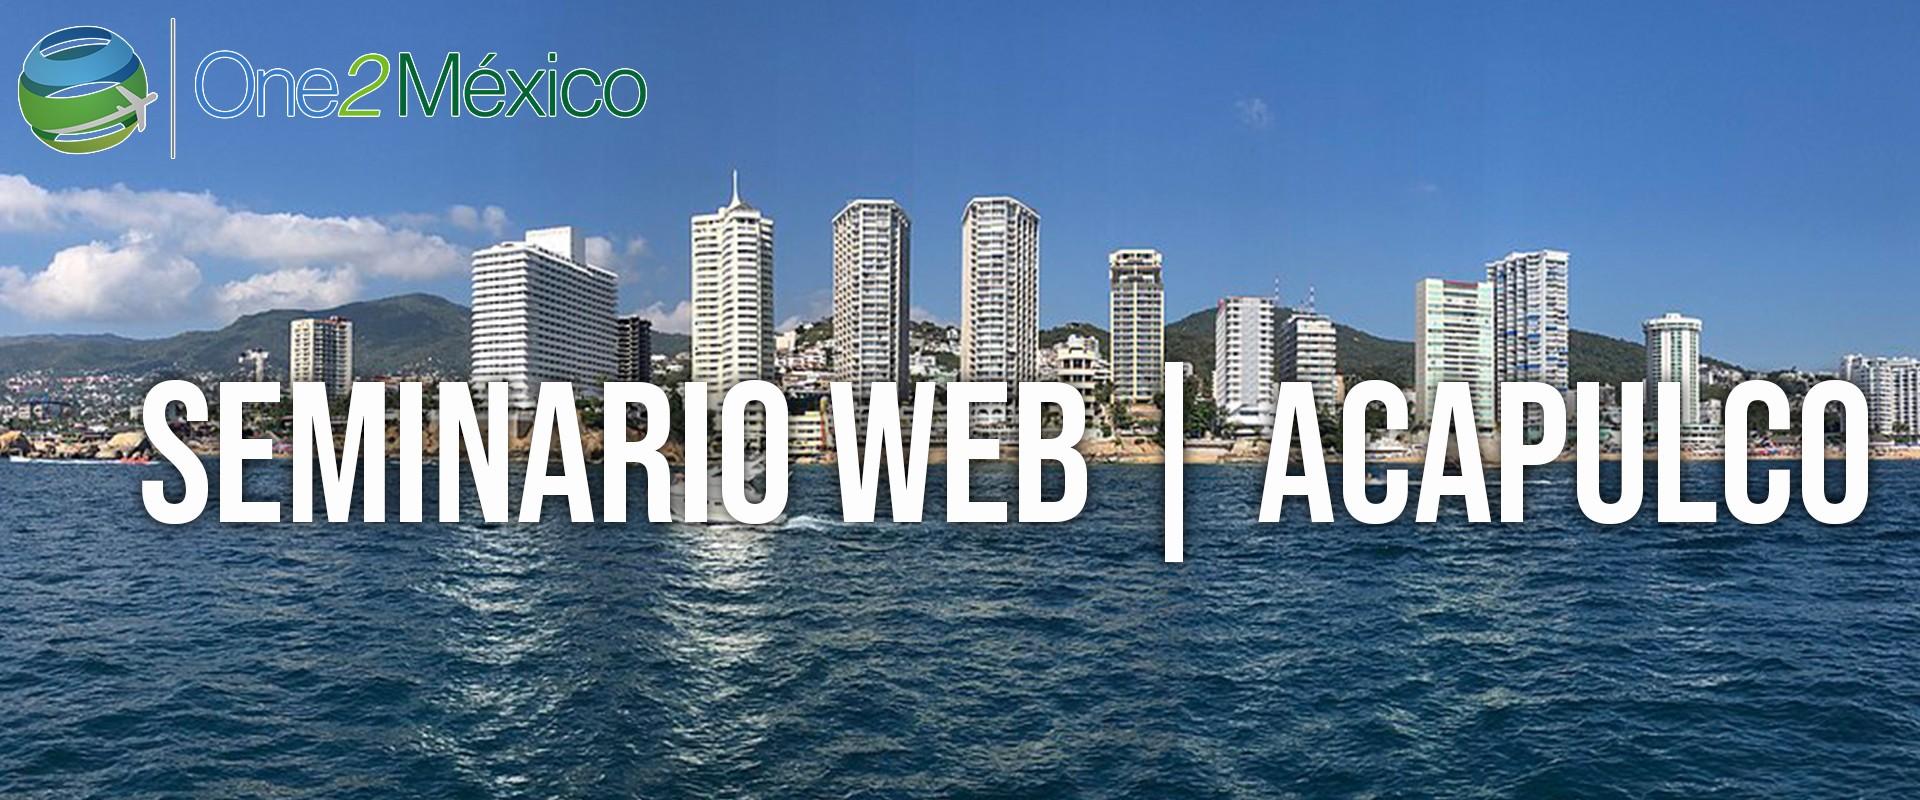 Seminario Web | One2México | Acapulco & AM Resorts